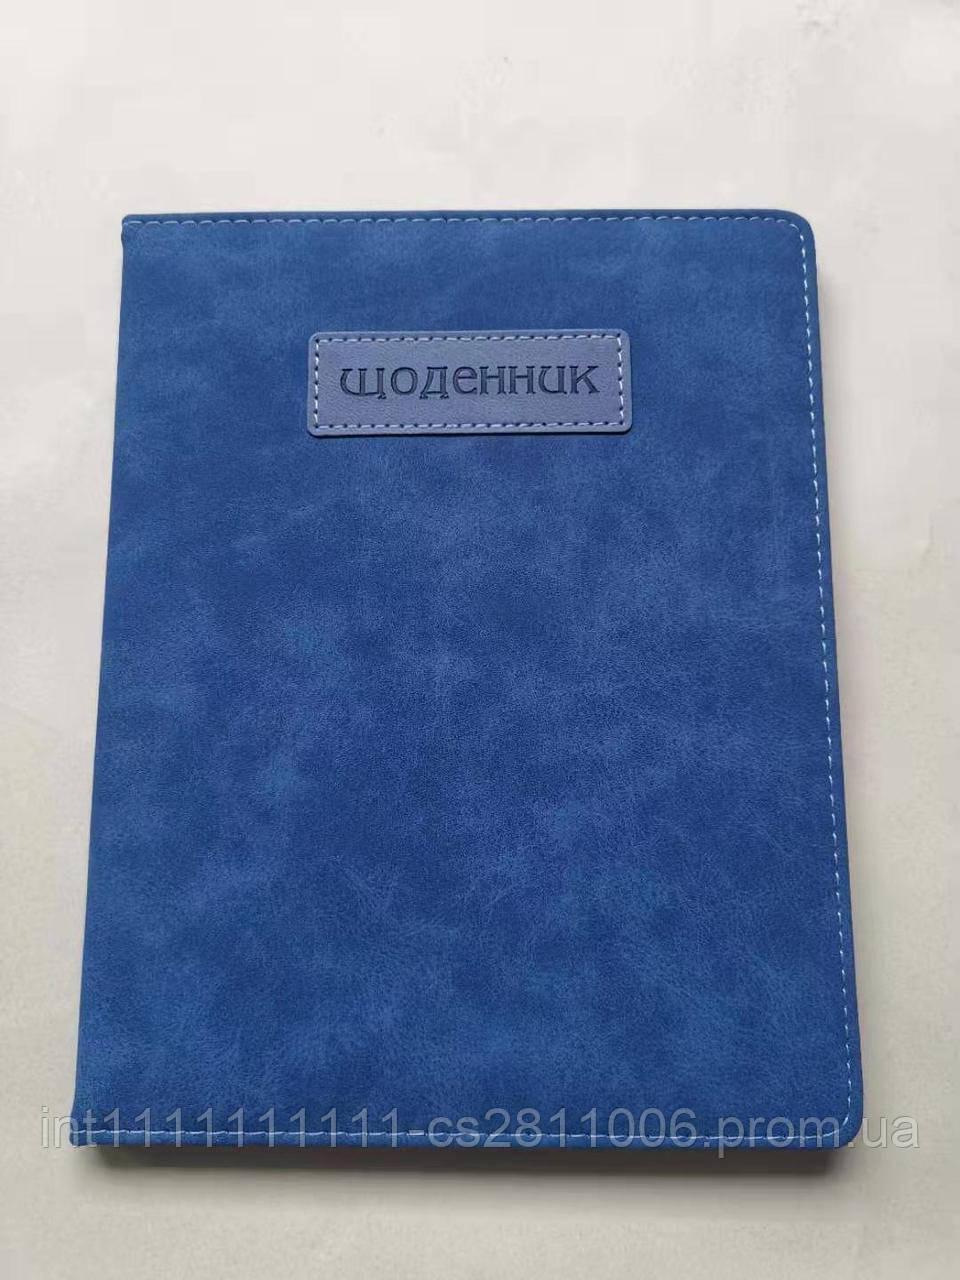 Бархат по украински орша лен ткань купить